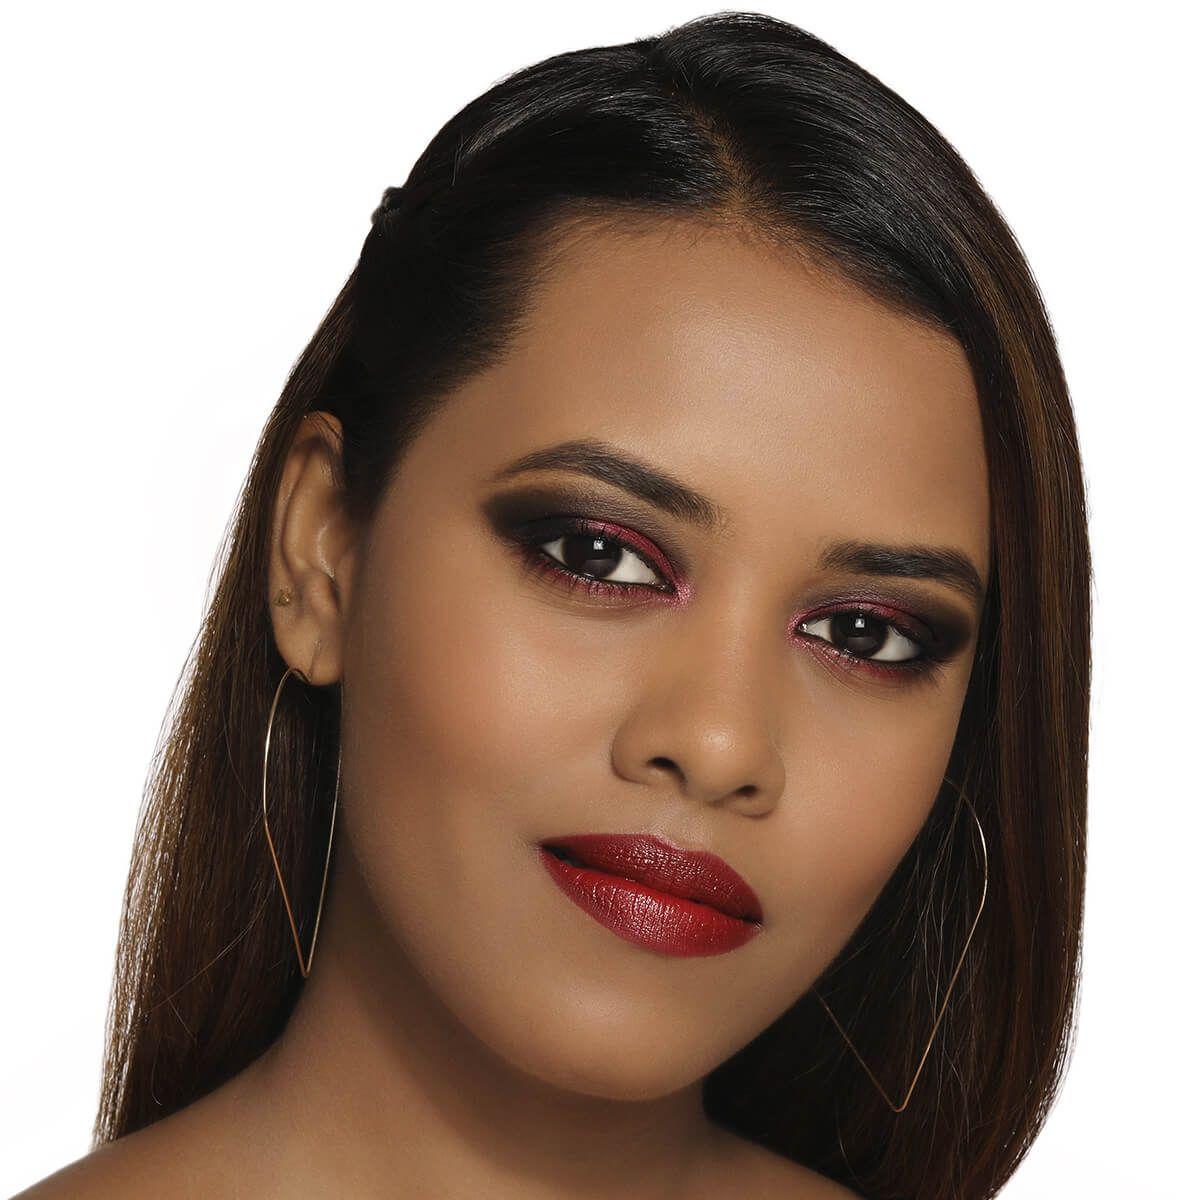 Get Makeup look using MyGlamm's LIT Matte Lipliner Pencil